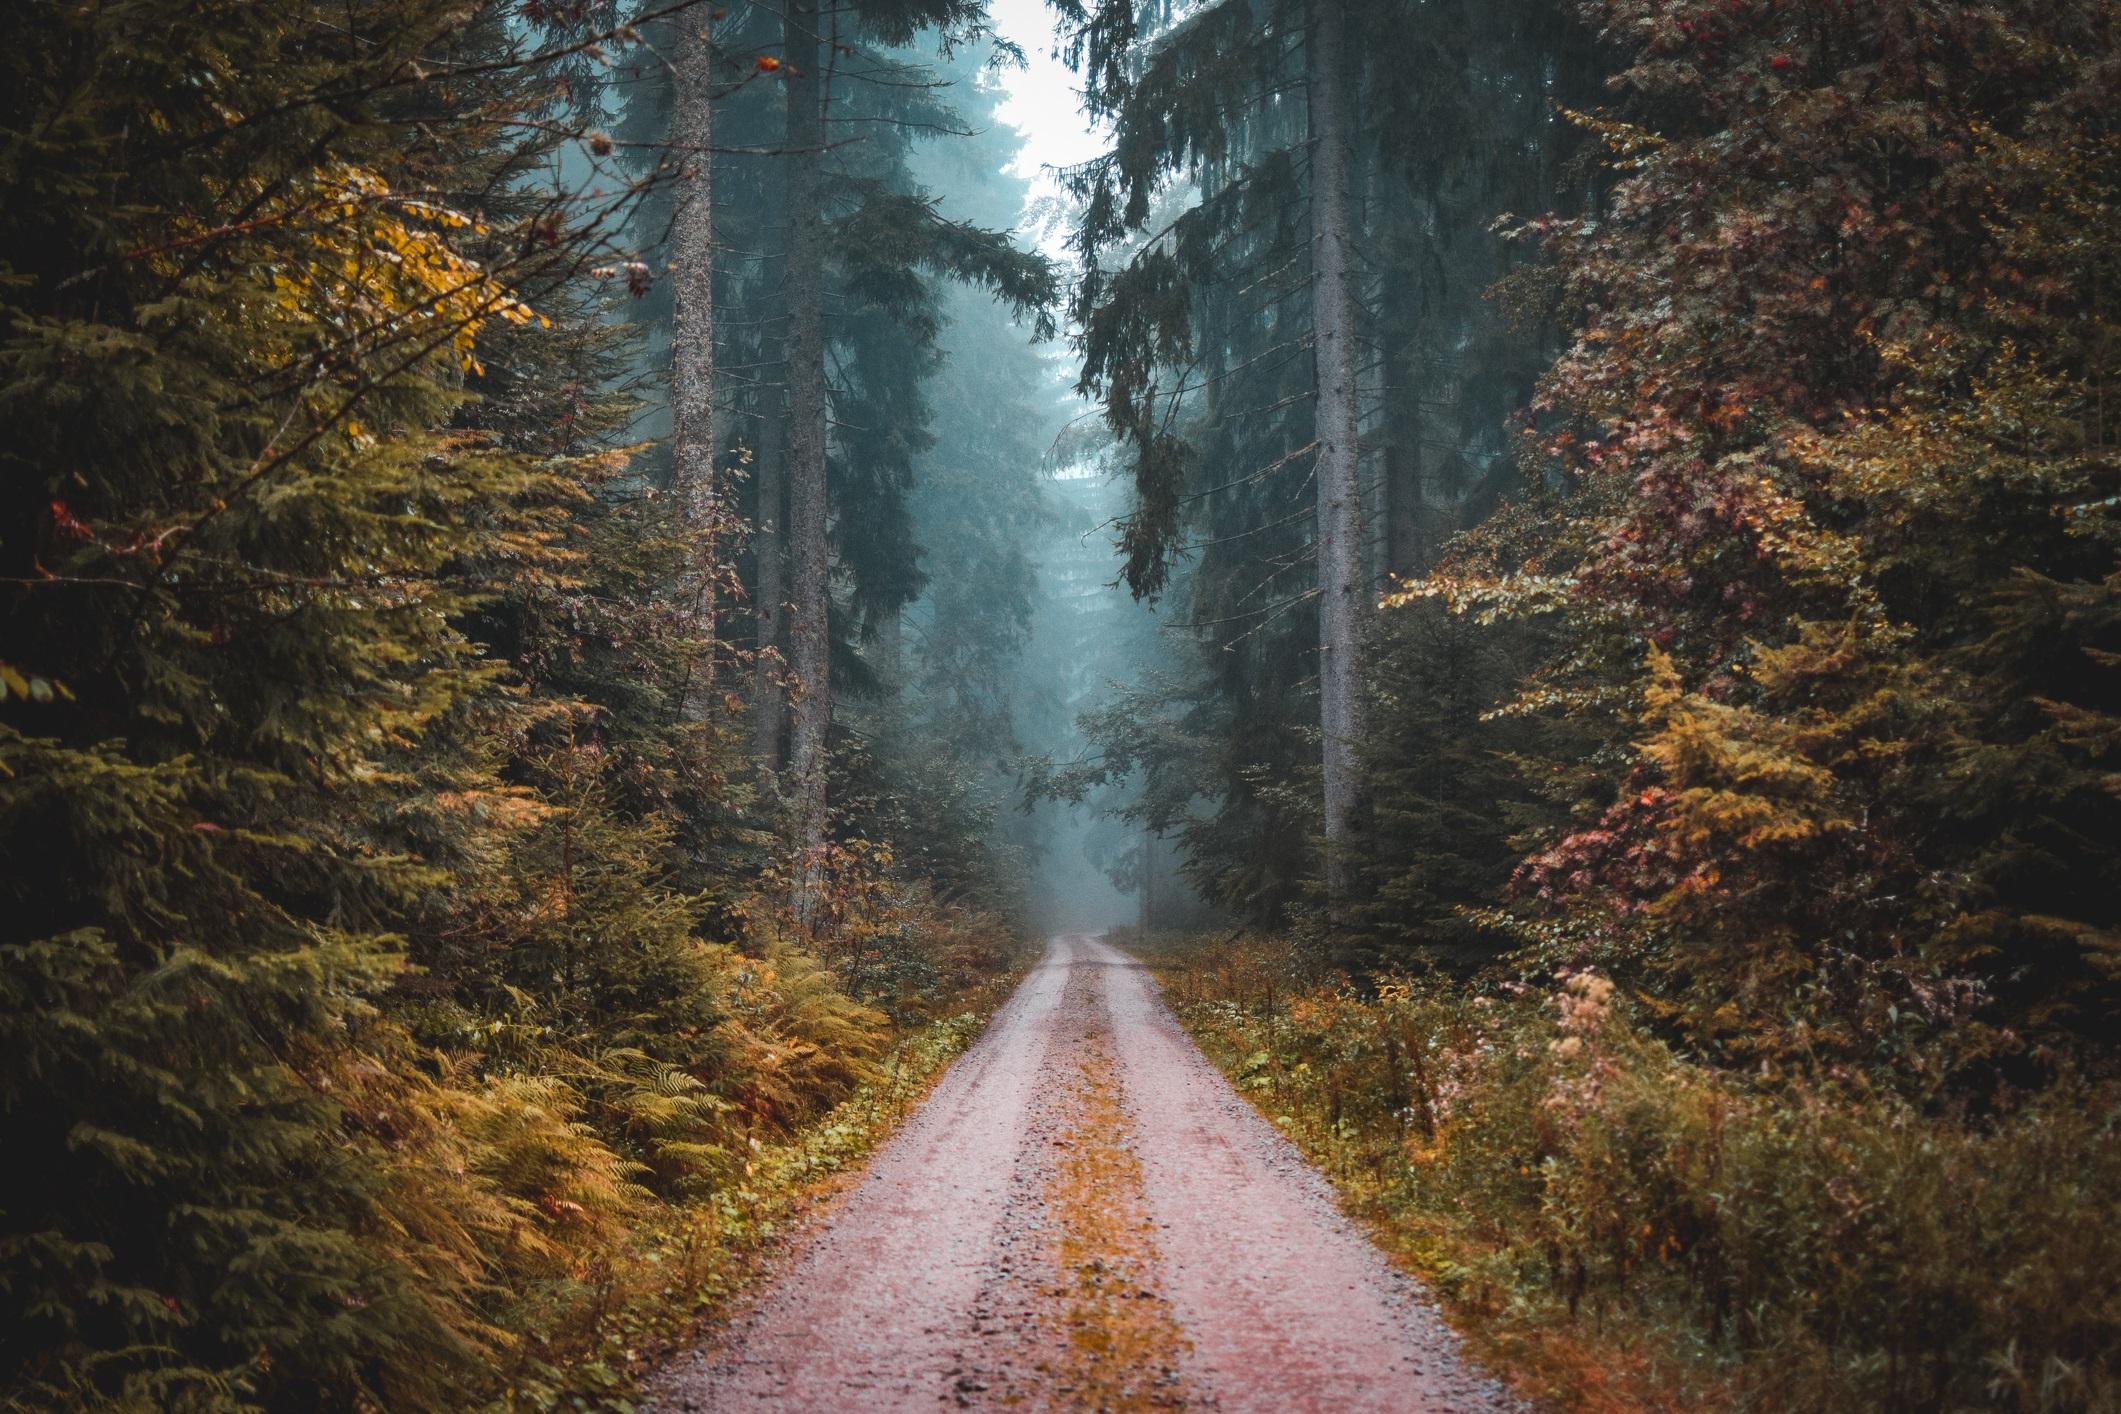 <p><strong>Черната гора в Германия</strong></p>  <p>Името ѝ вече звучи зловещо, но братя Грим затвърждават репутацията ѝ на &bdquo;обитавана&rdquo; гора, използвайки я за декор за много от приказките си като Хензел и Гретел например.</p>